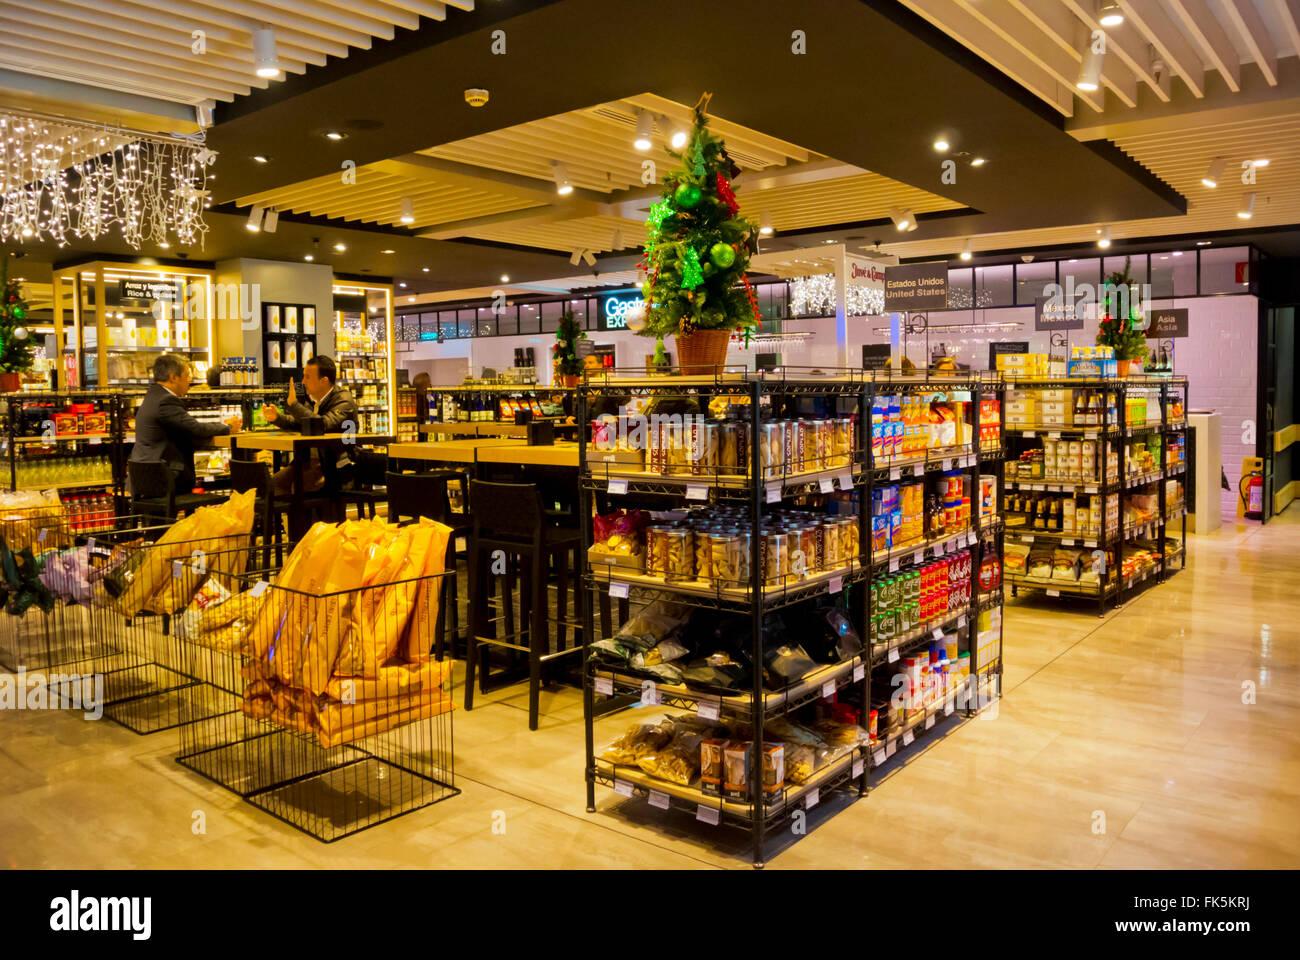 El Corte Ingles Food Imagenes De Stock El Corte Ingles Food Fotos